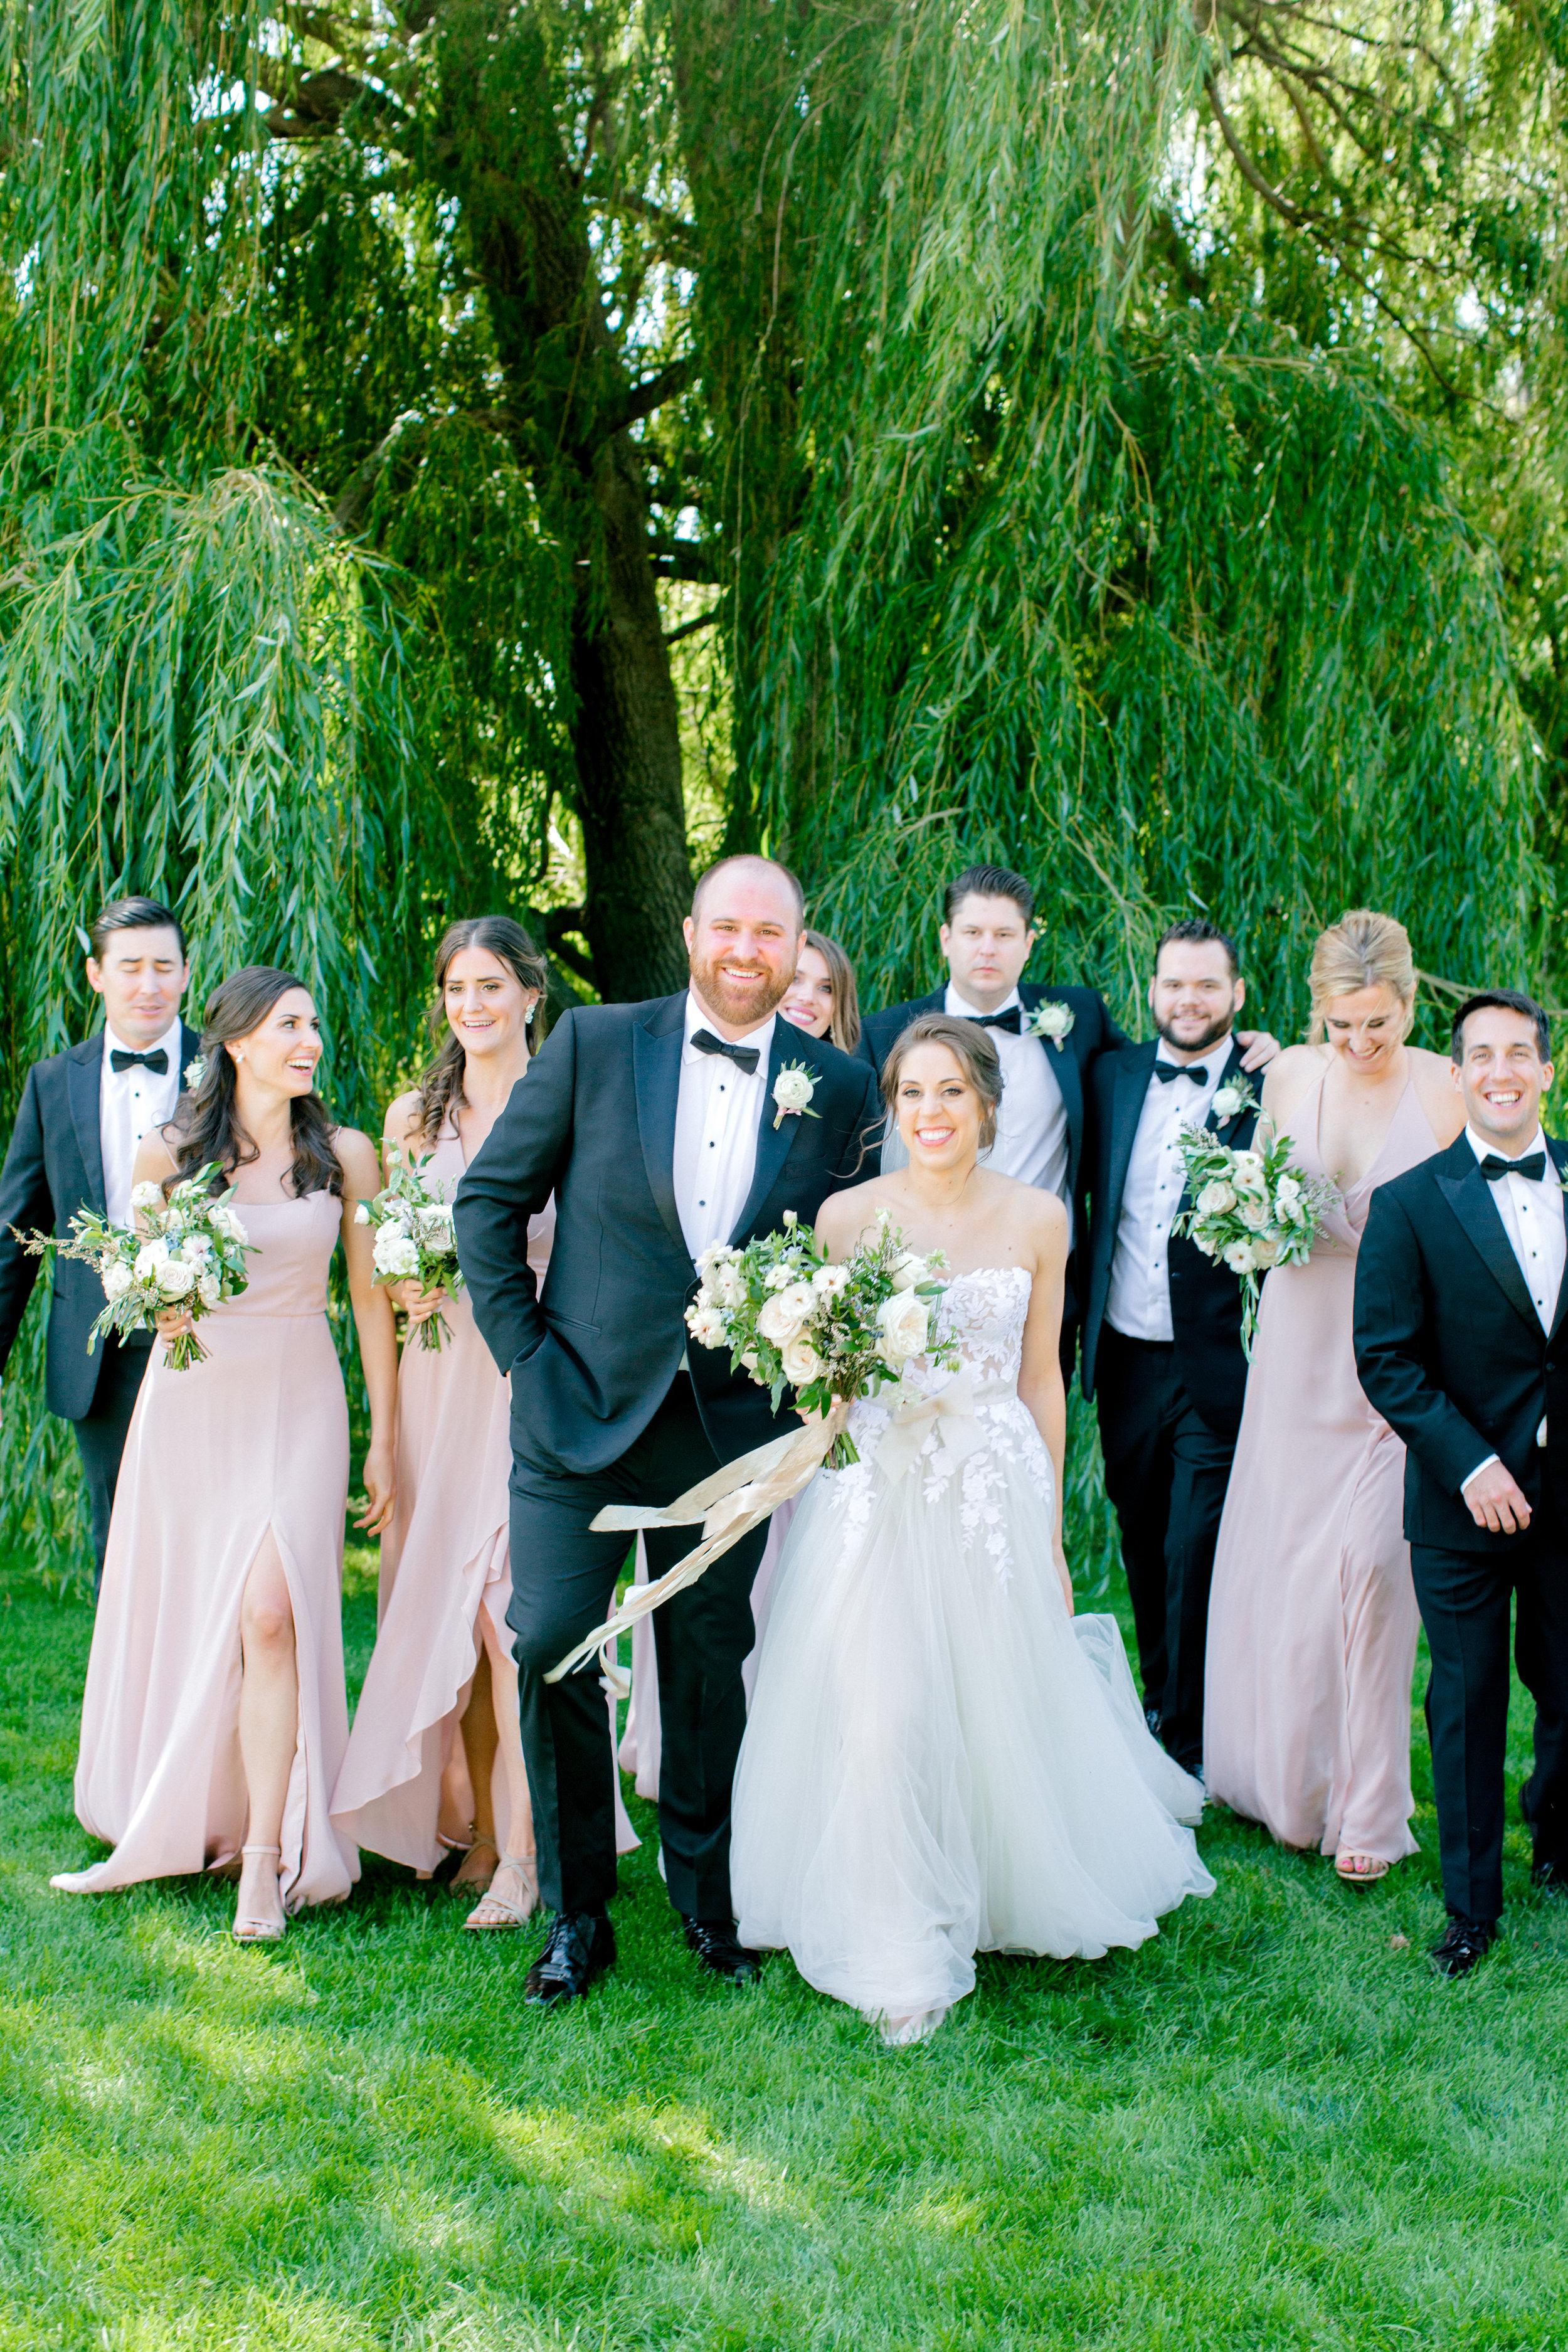 Steinlage+Wedding+Bridal+Party-144.jpg